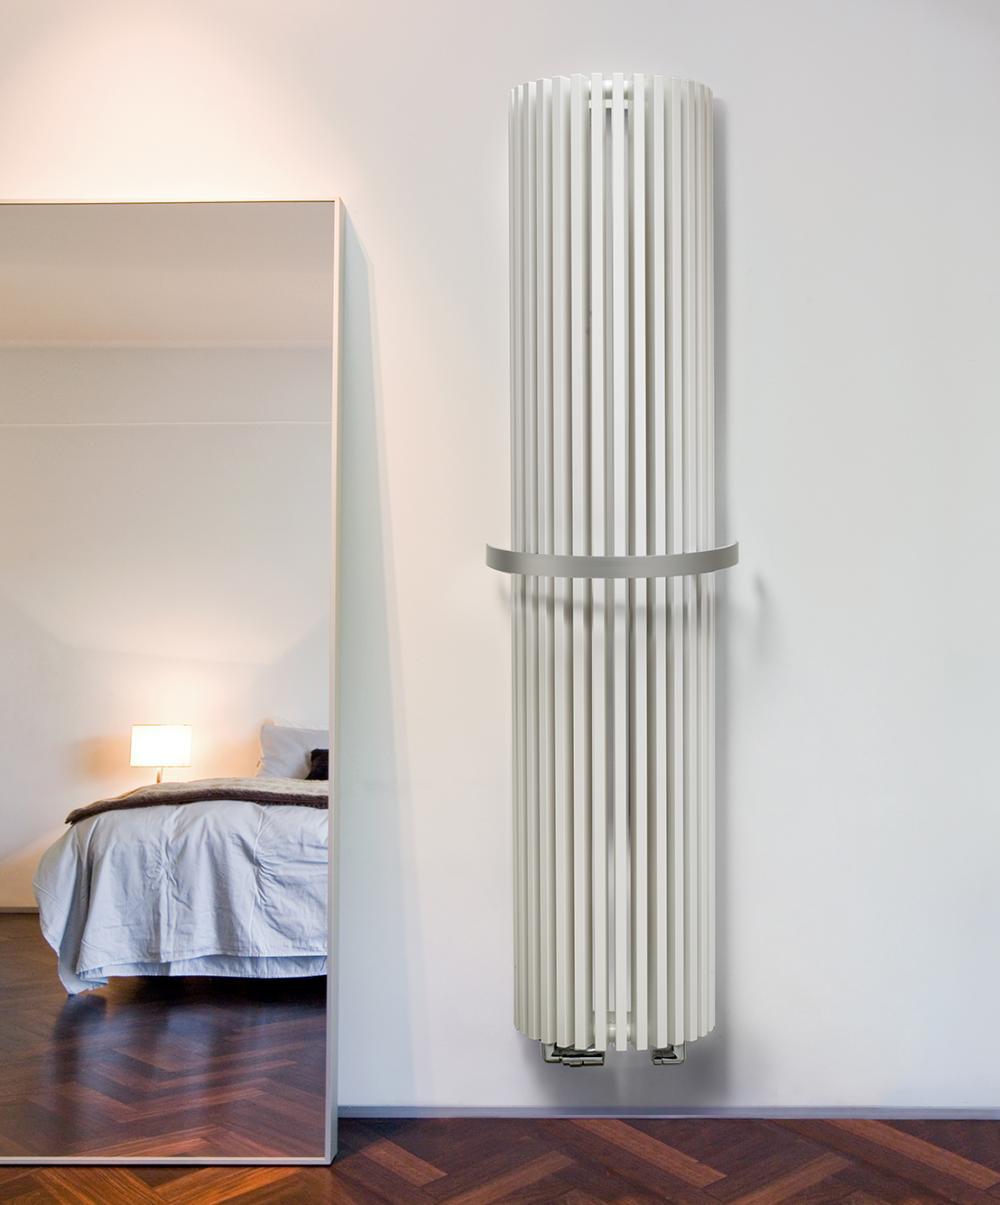 Calorifere decorative semirotunde Vasco Zana ZV-O 2000x473 mm, 2287 W